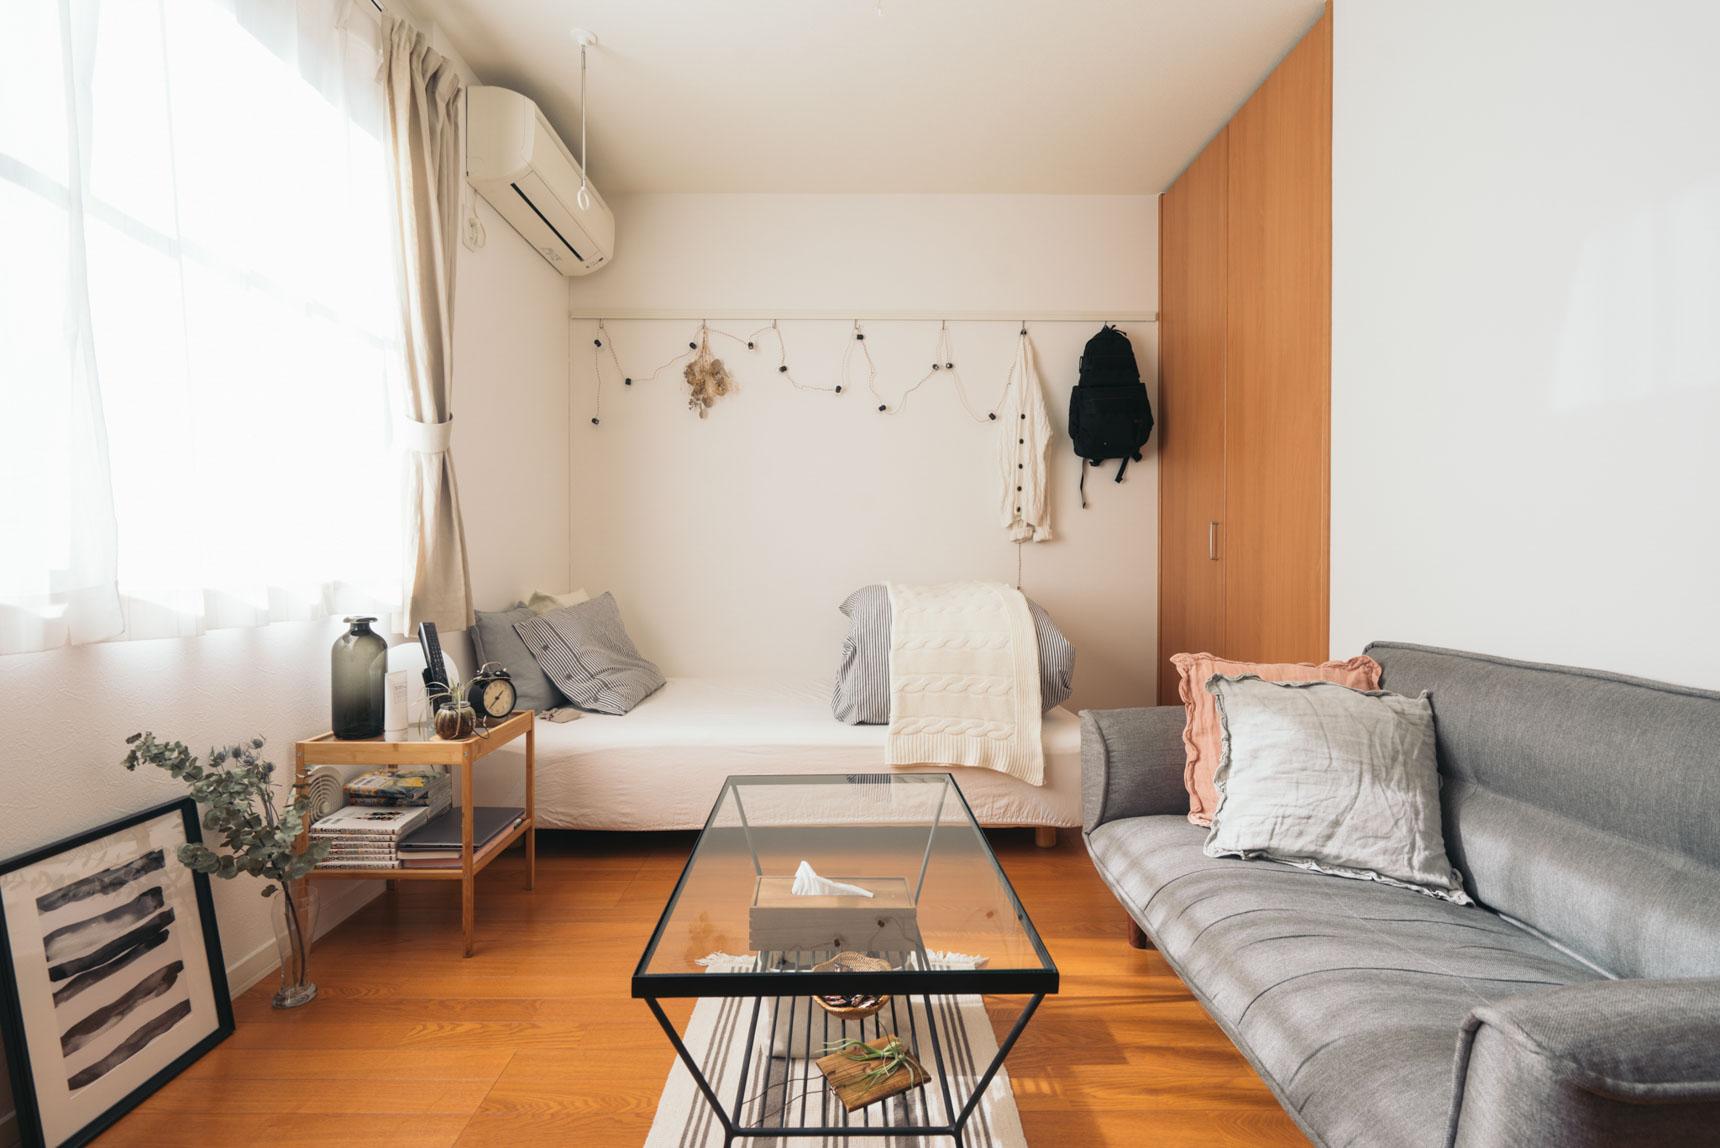 naa9290さんのお部屋はでは、少し小さめのベッドを選んでぴったり壁に寄せることで、大きなソファを置いても十分使える空間を作りました